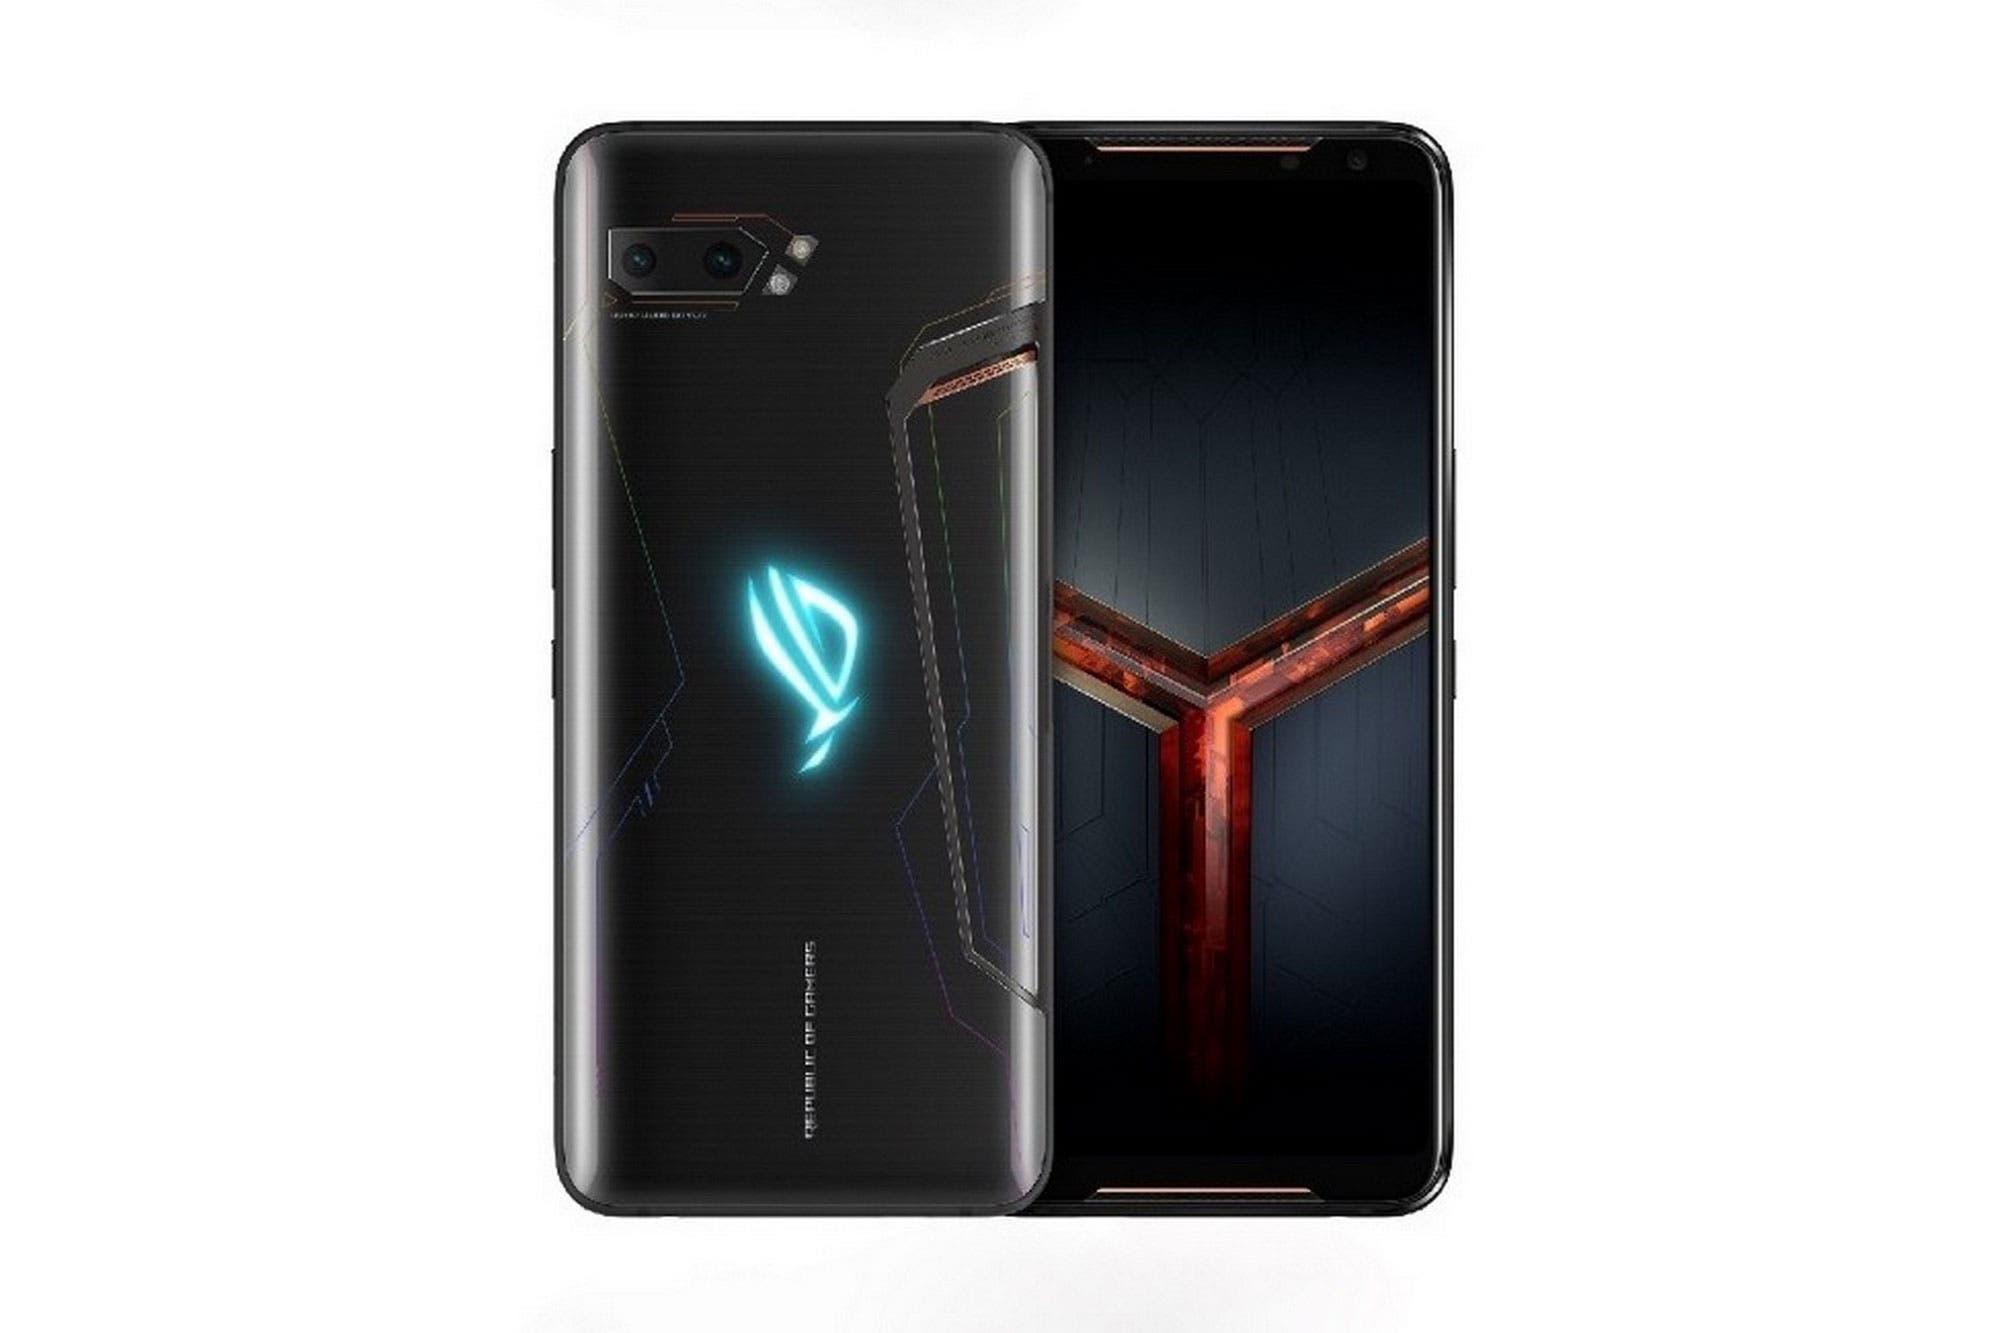 Este es el ROG Phone II de Asus, el teléfono gamer más potente del mercado